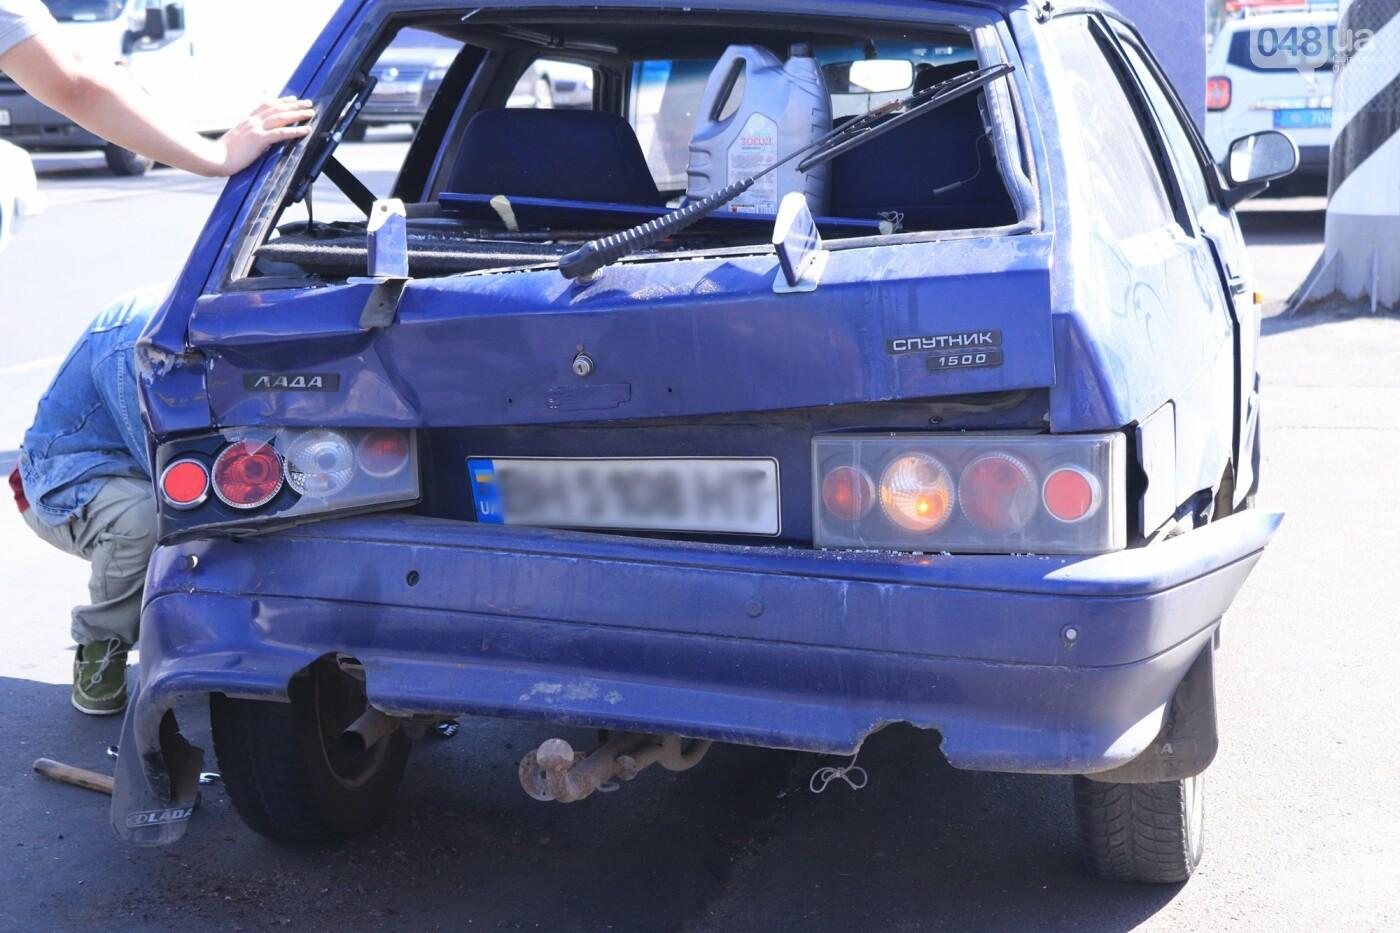 Могли взорваться: в Одессе КАМАЗ протаранил на светофоре легковушку с баллоном газа в багажнике, - ФОТО , фото-3